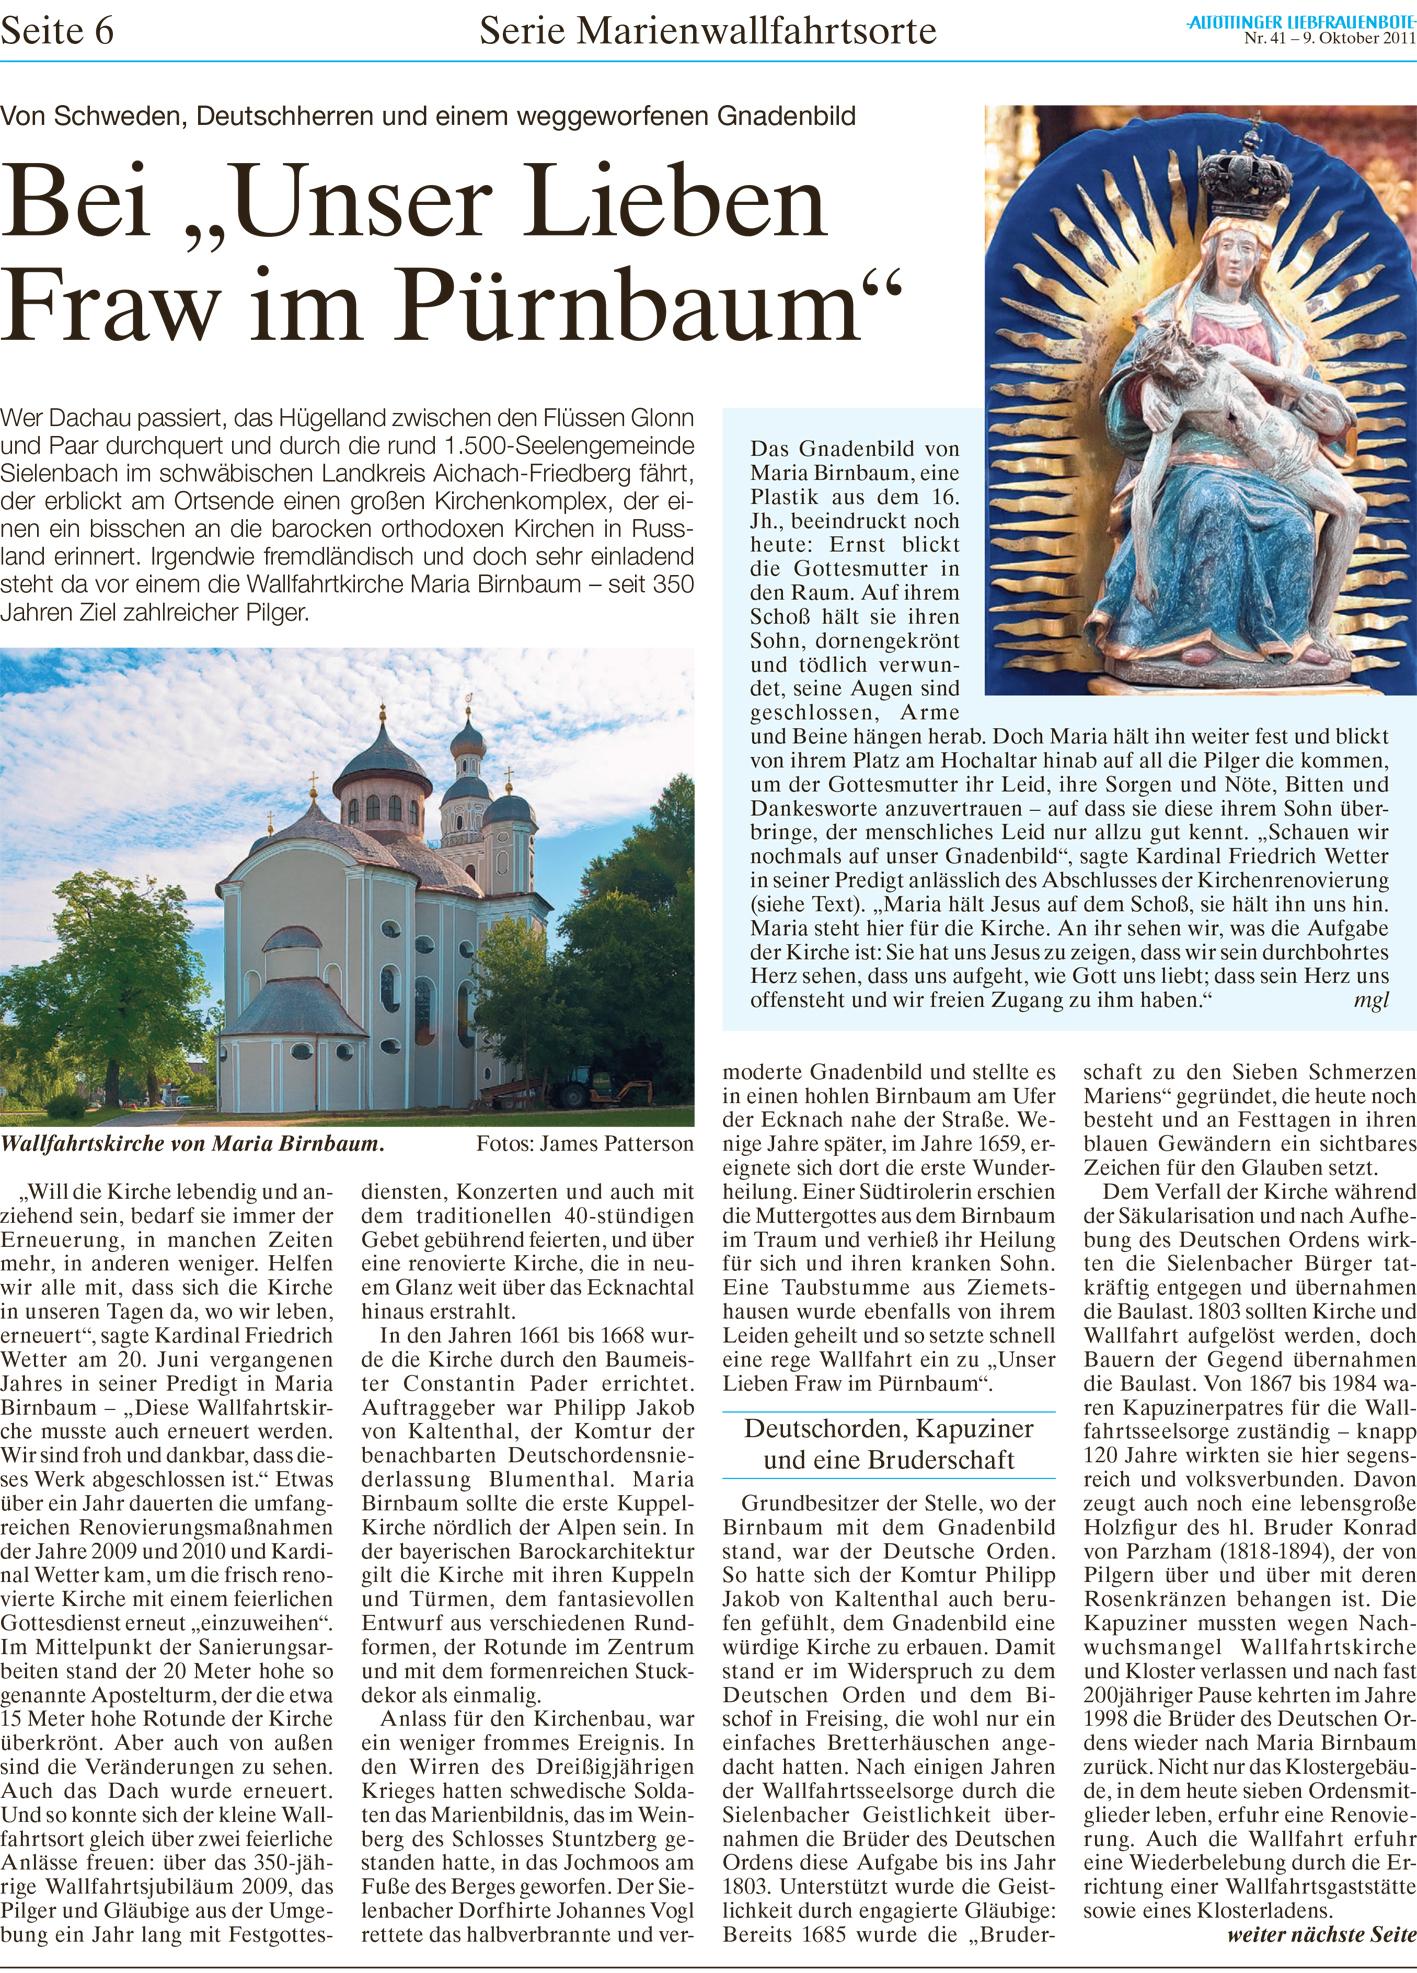 2020 125 jahre aoelfb maria birnbaum 9okt2011